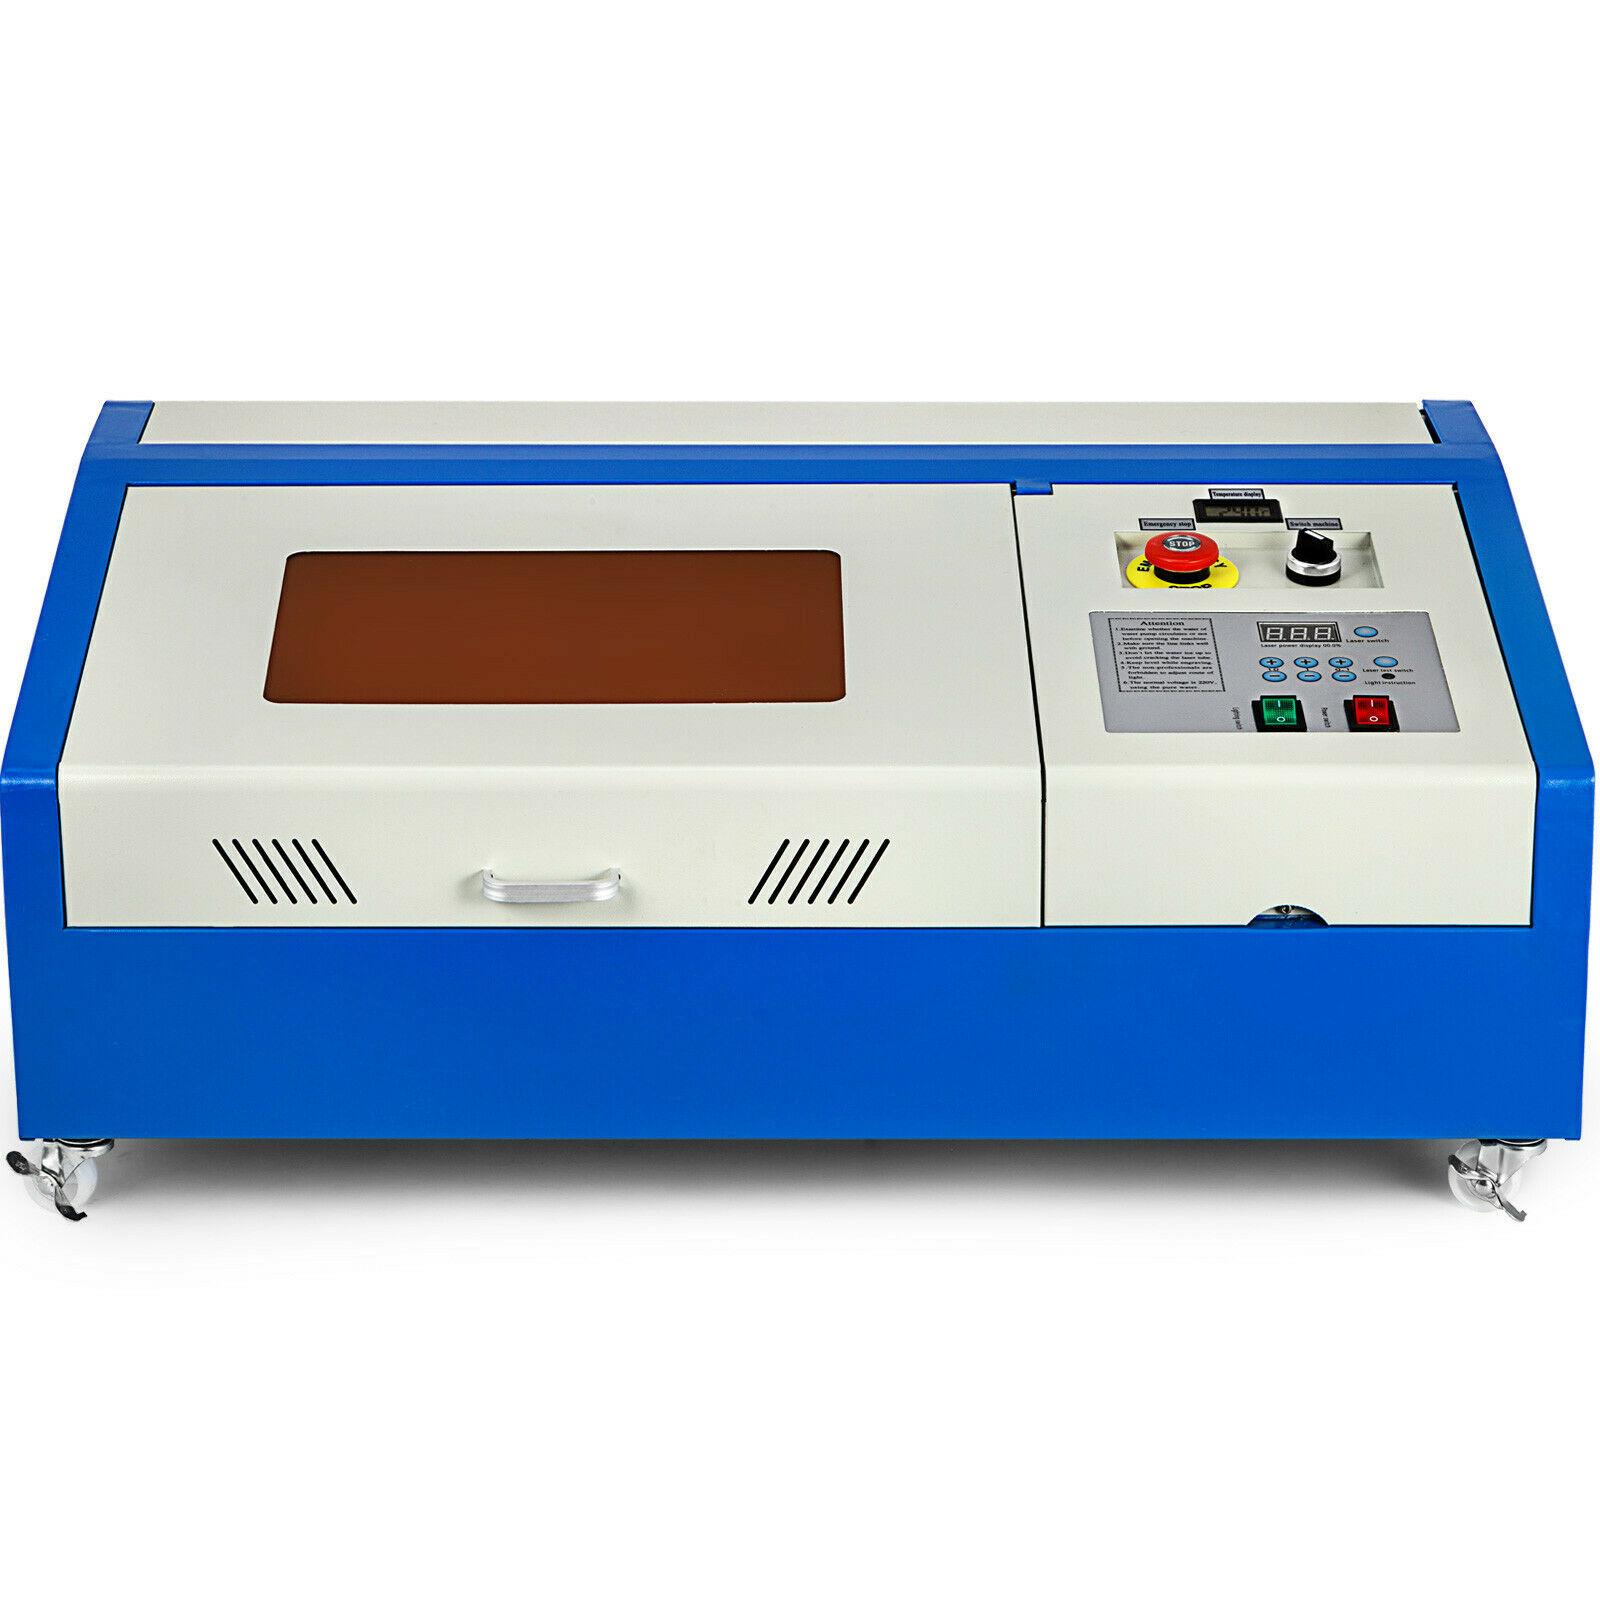 Aktualisiert HOCHPRÄZISE und HIGH SPEED 40W CO2 Laser Gravur Schneiden Maschine USB PORT